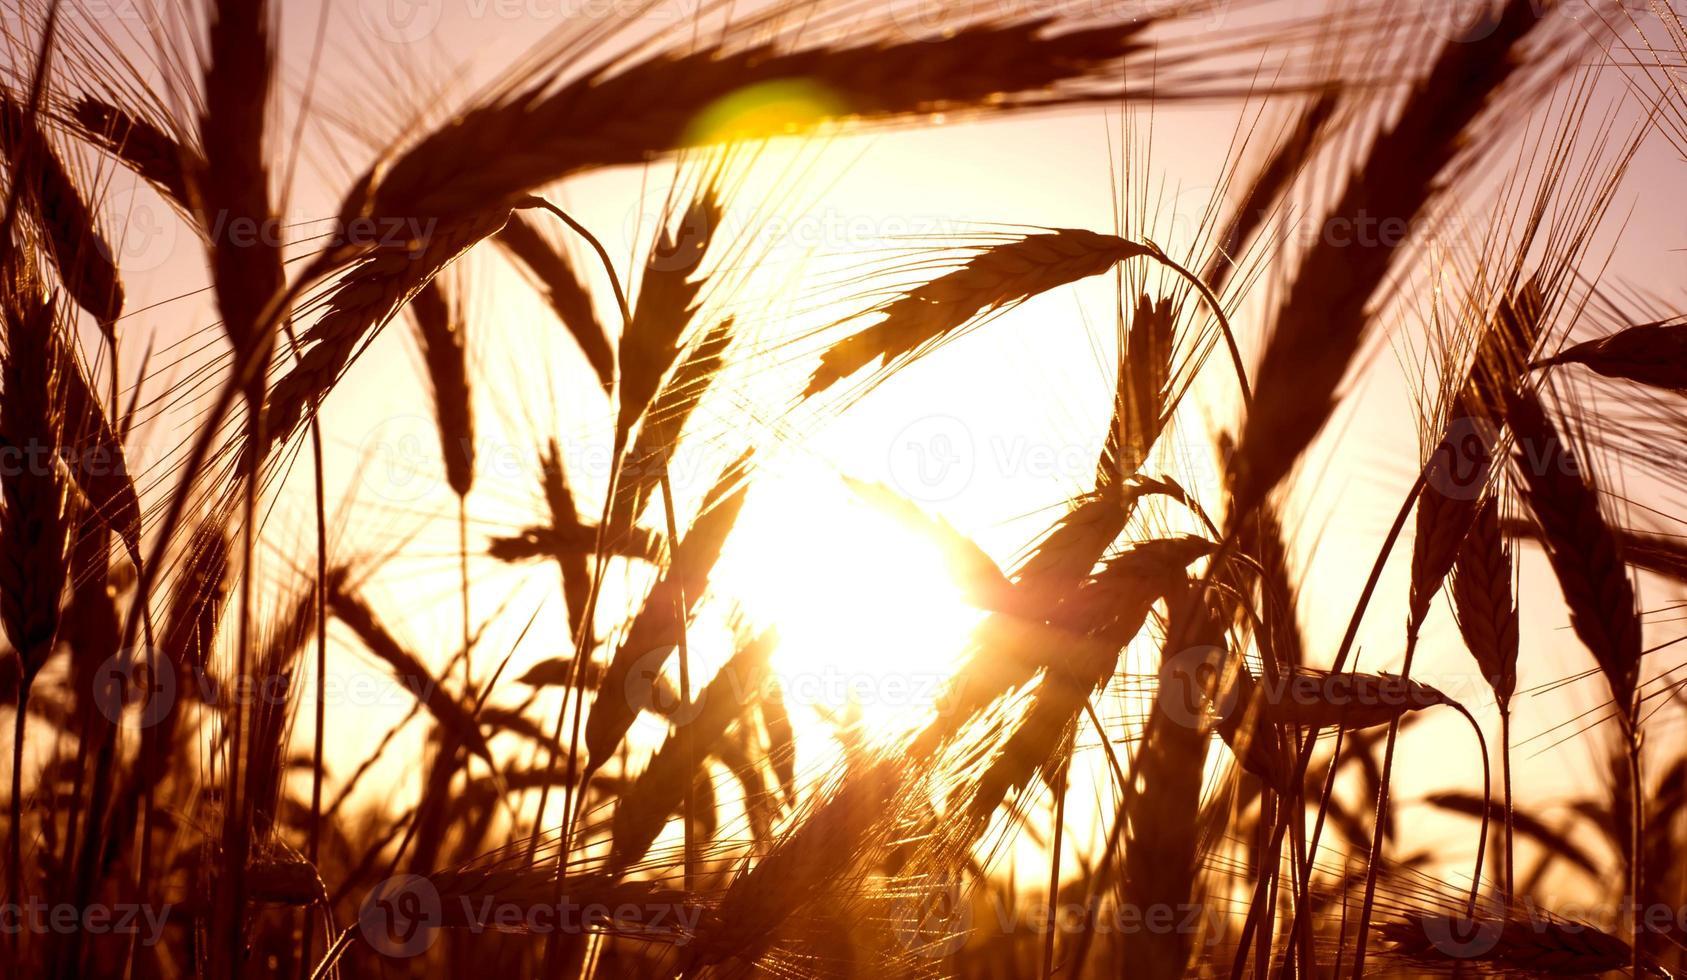 campo de trigo no nascer do sol de um dia ensolarado foto